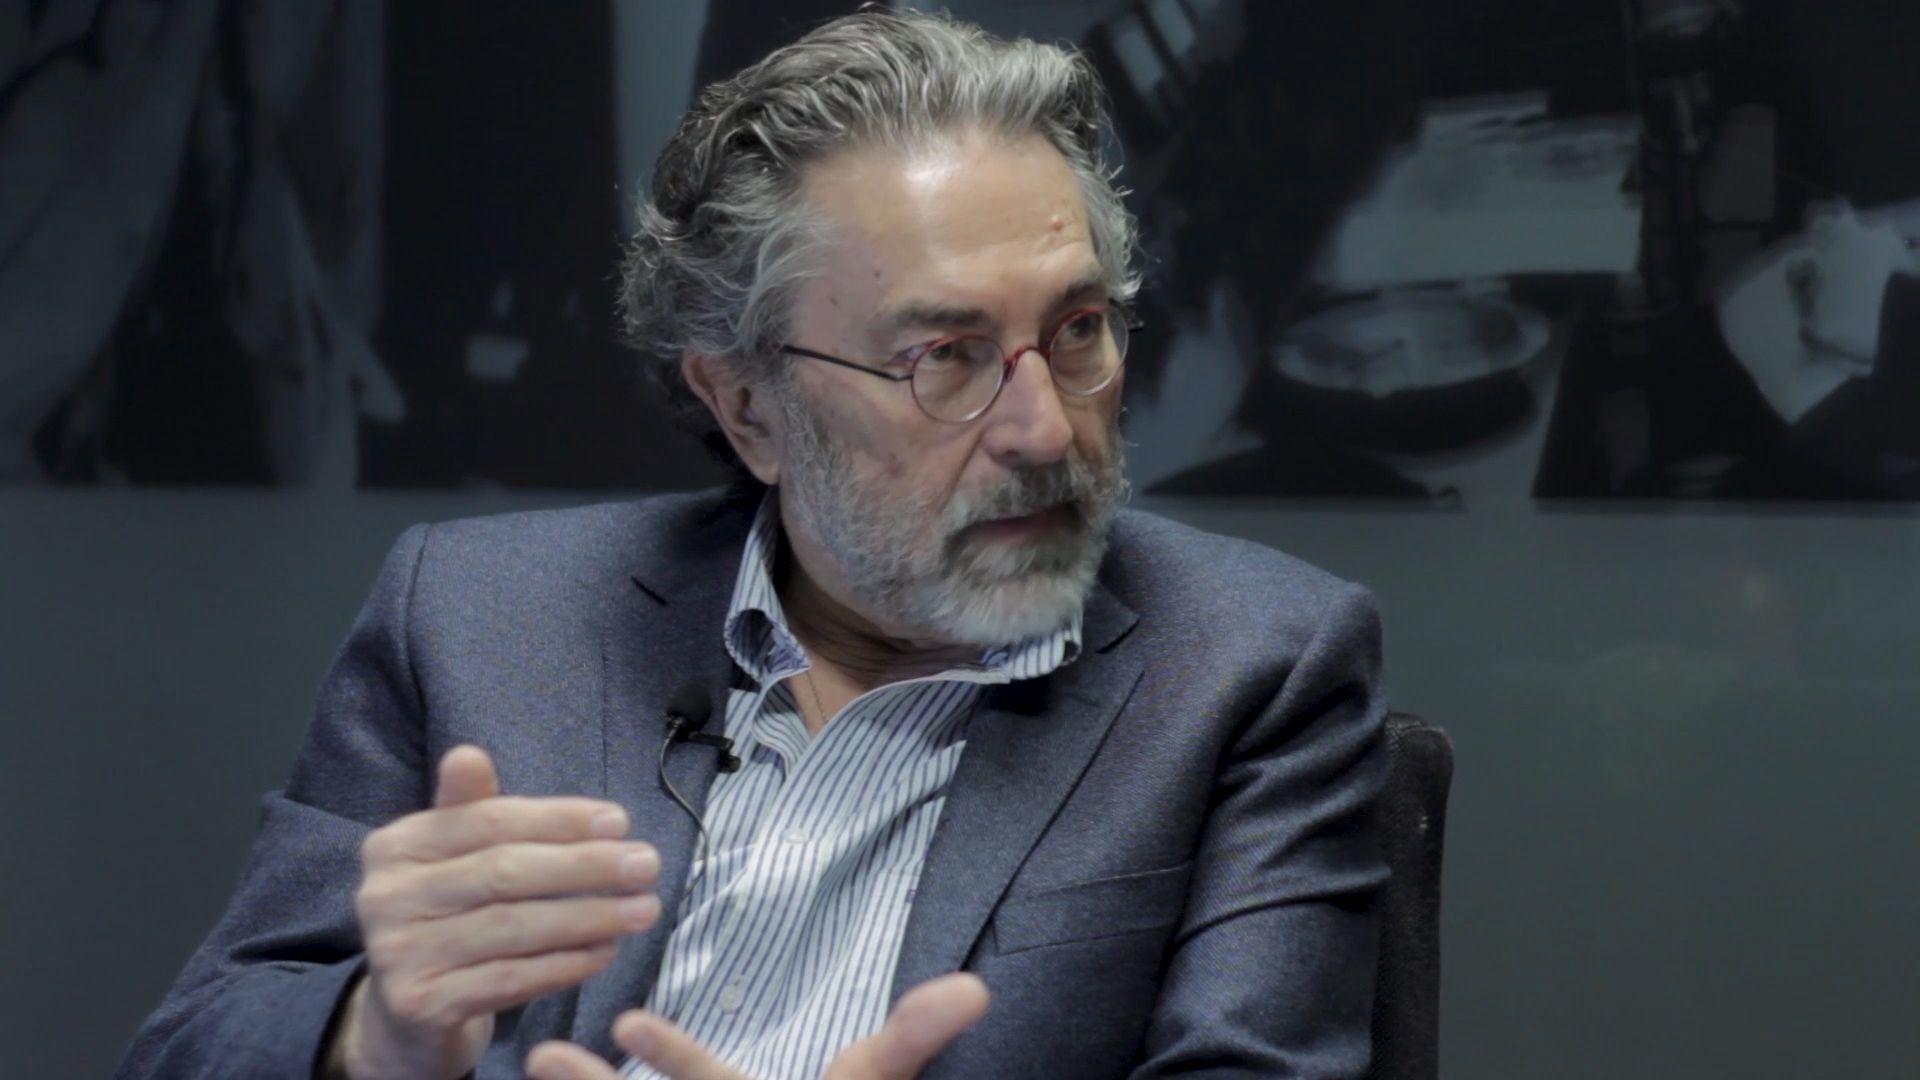 Antonio Rubio y Carmela Ríos destacan la importancia de adaptar el Periodismo a las nuevas tecnologías